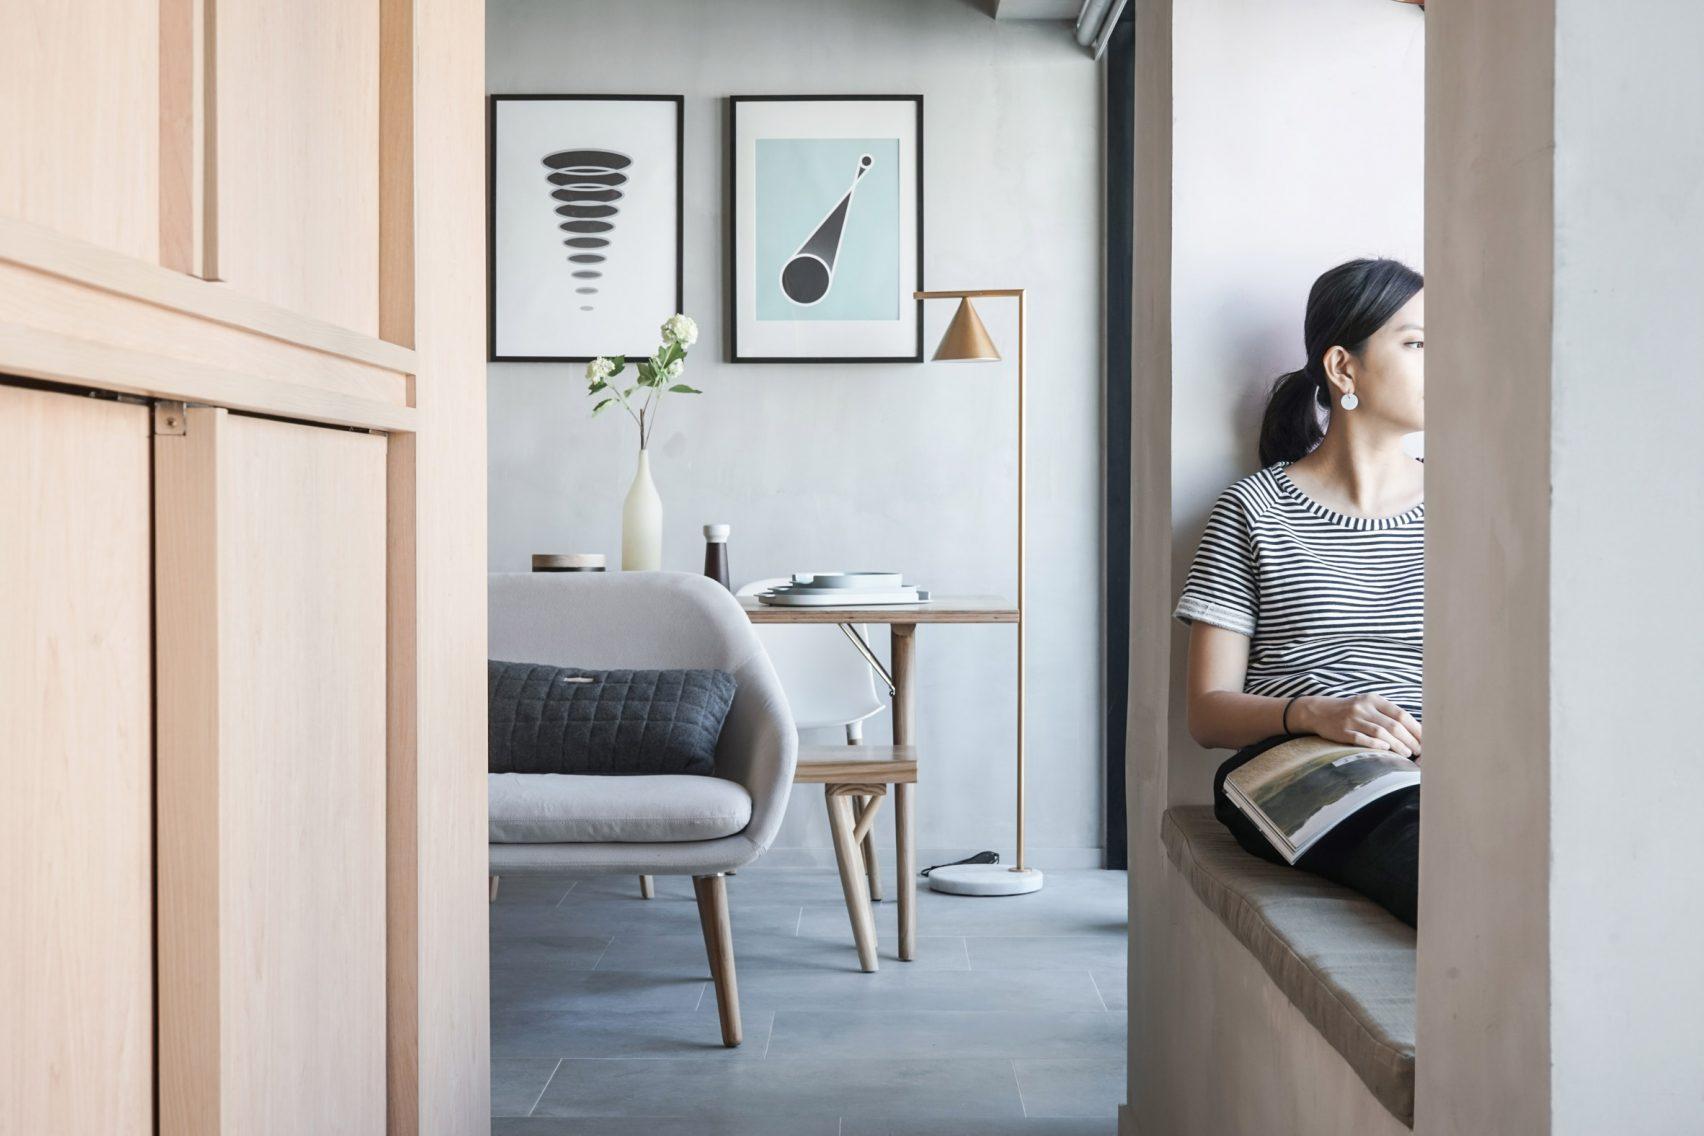 Área de lectura ventana en departamento de 32 metros cuadrados